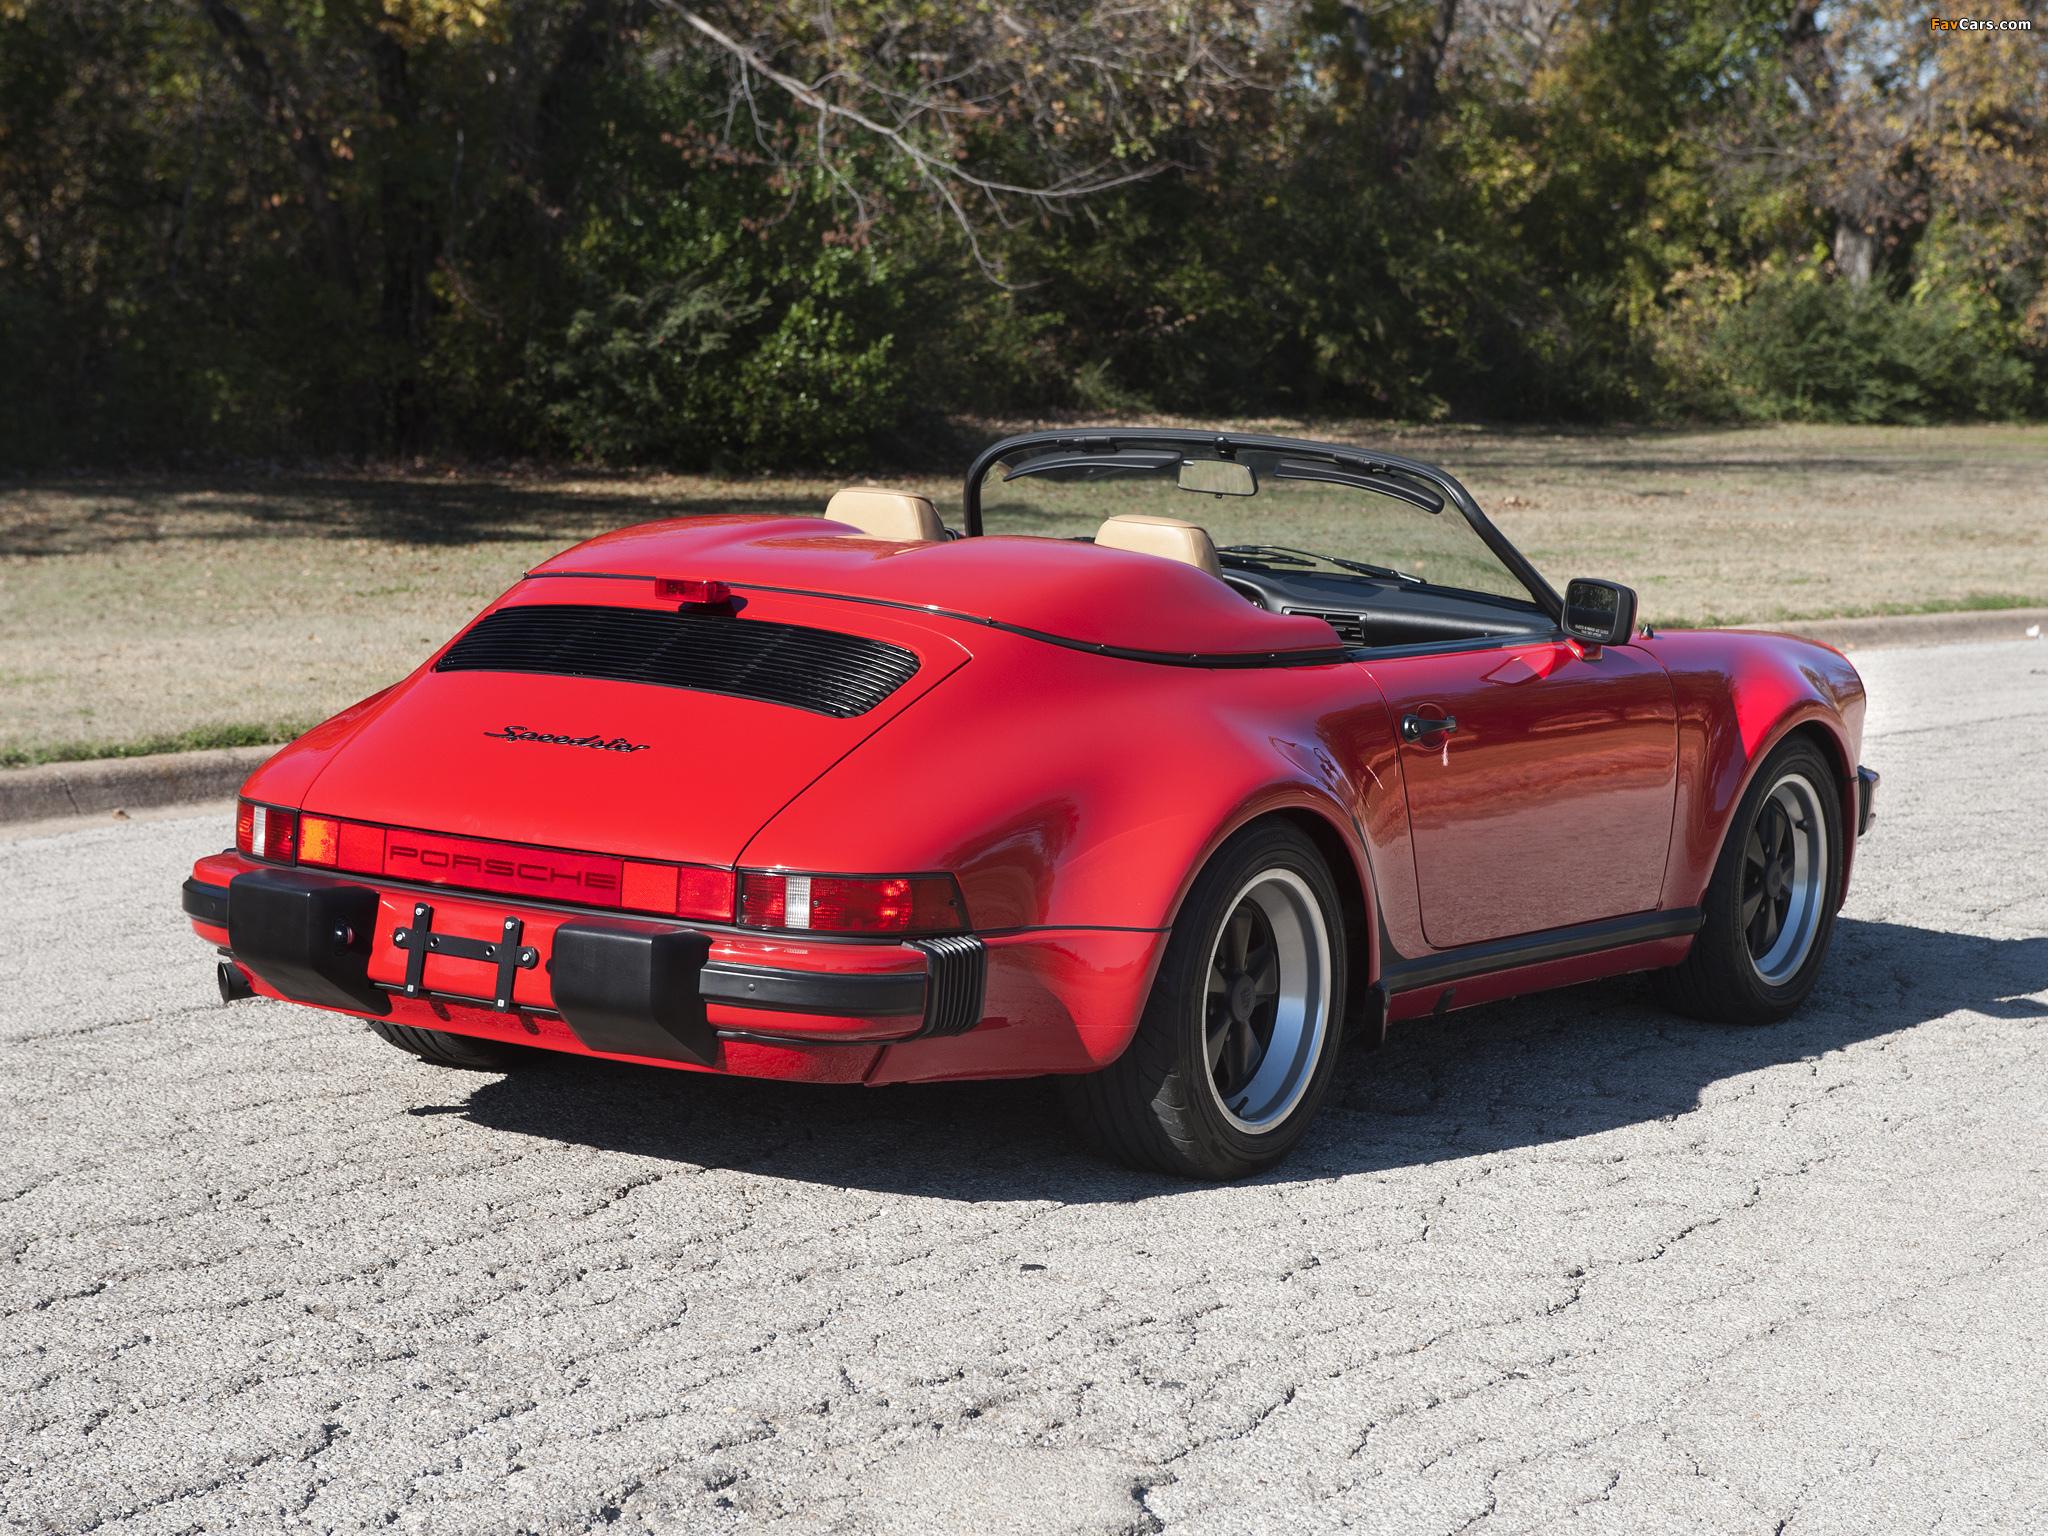 Porsche 911 Carrera Speedster Turbolook 930 1989